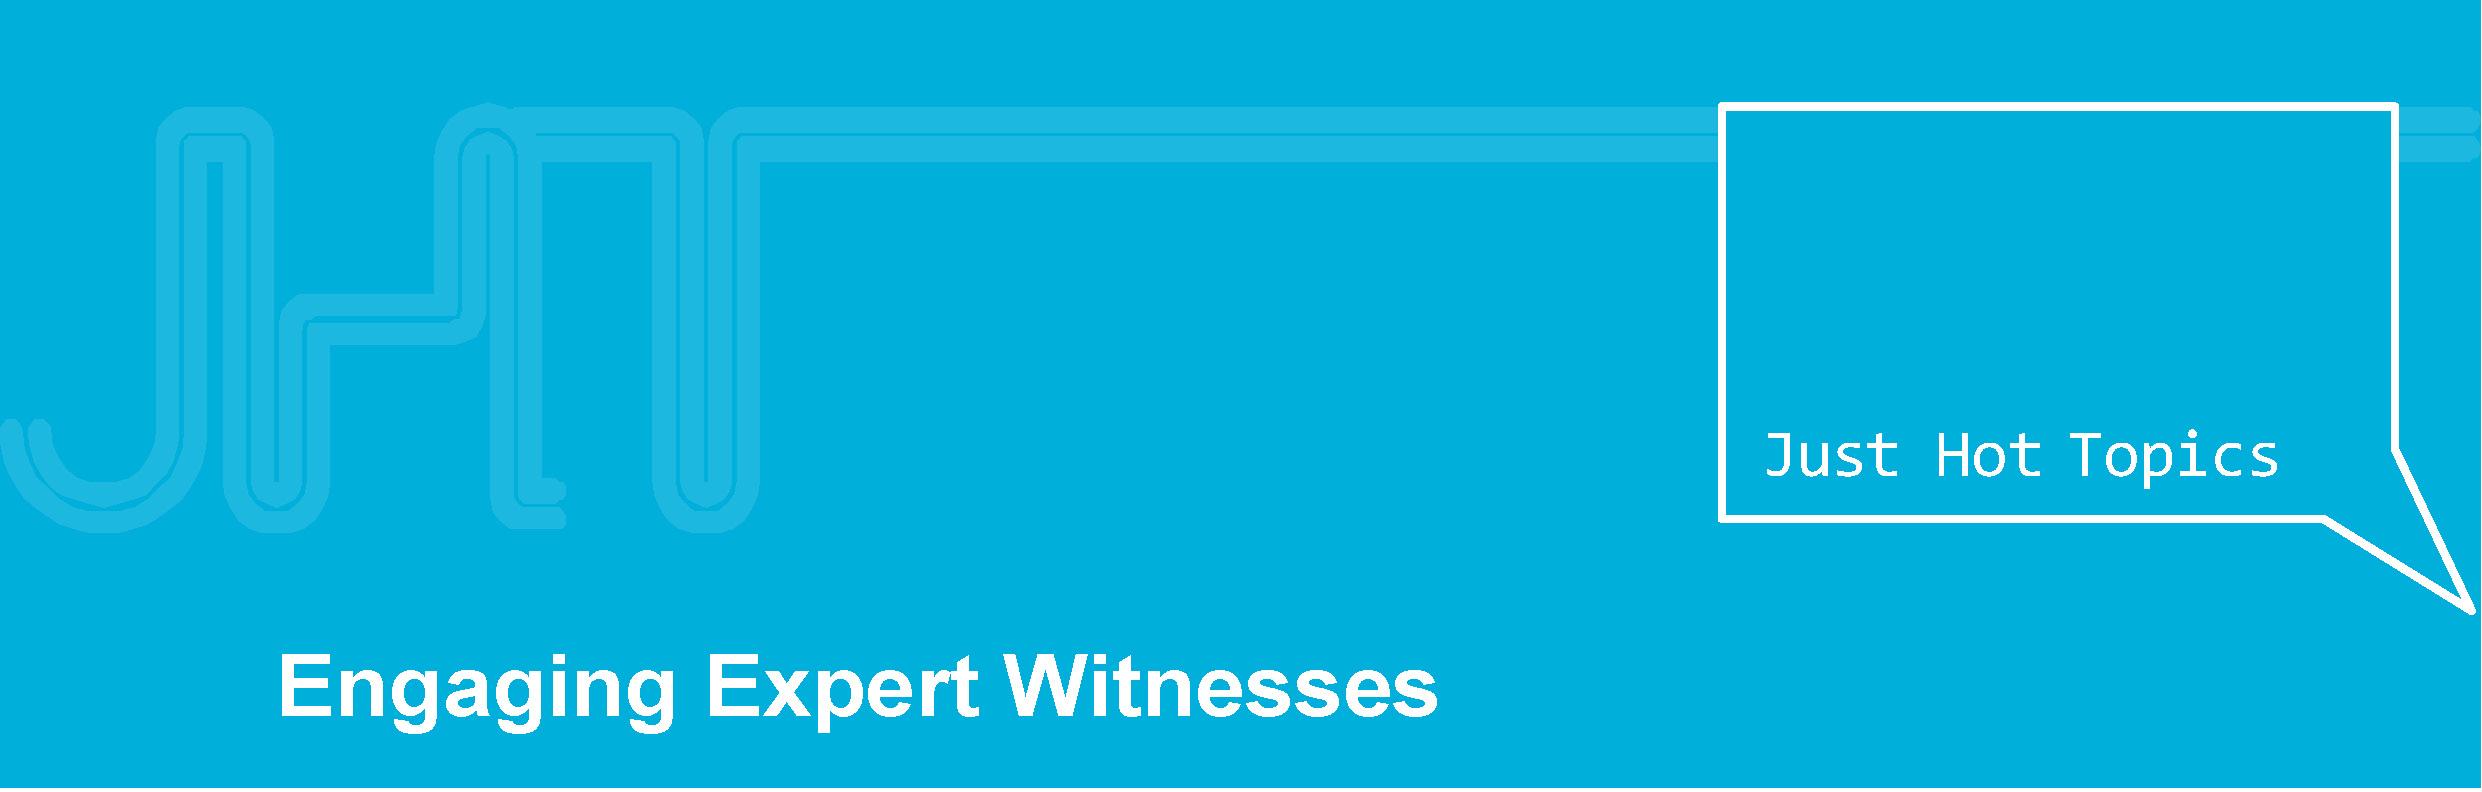 engaging expert witnessesrunner